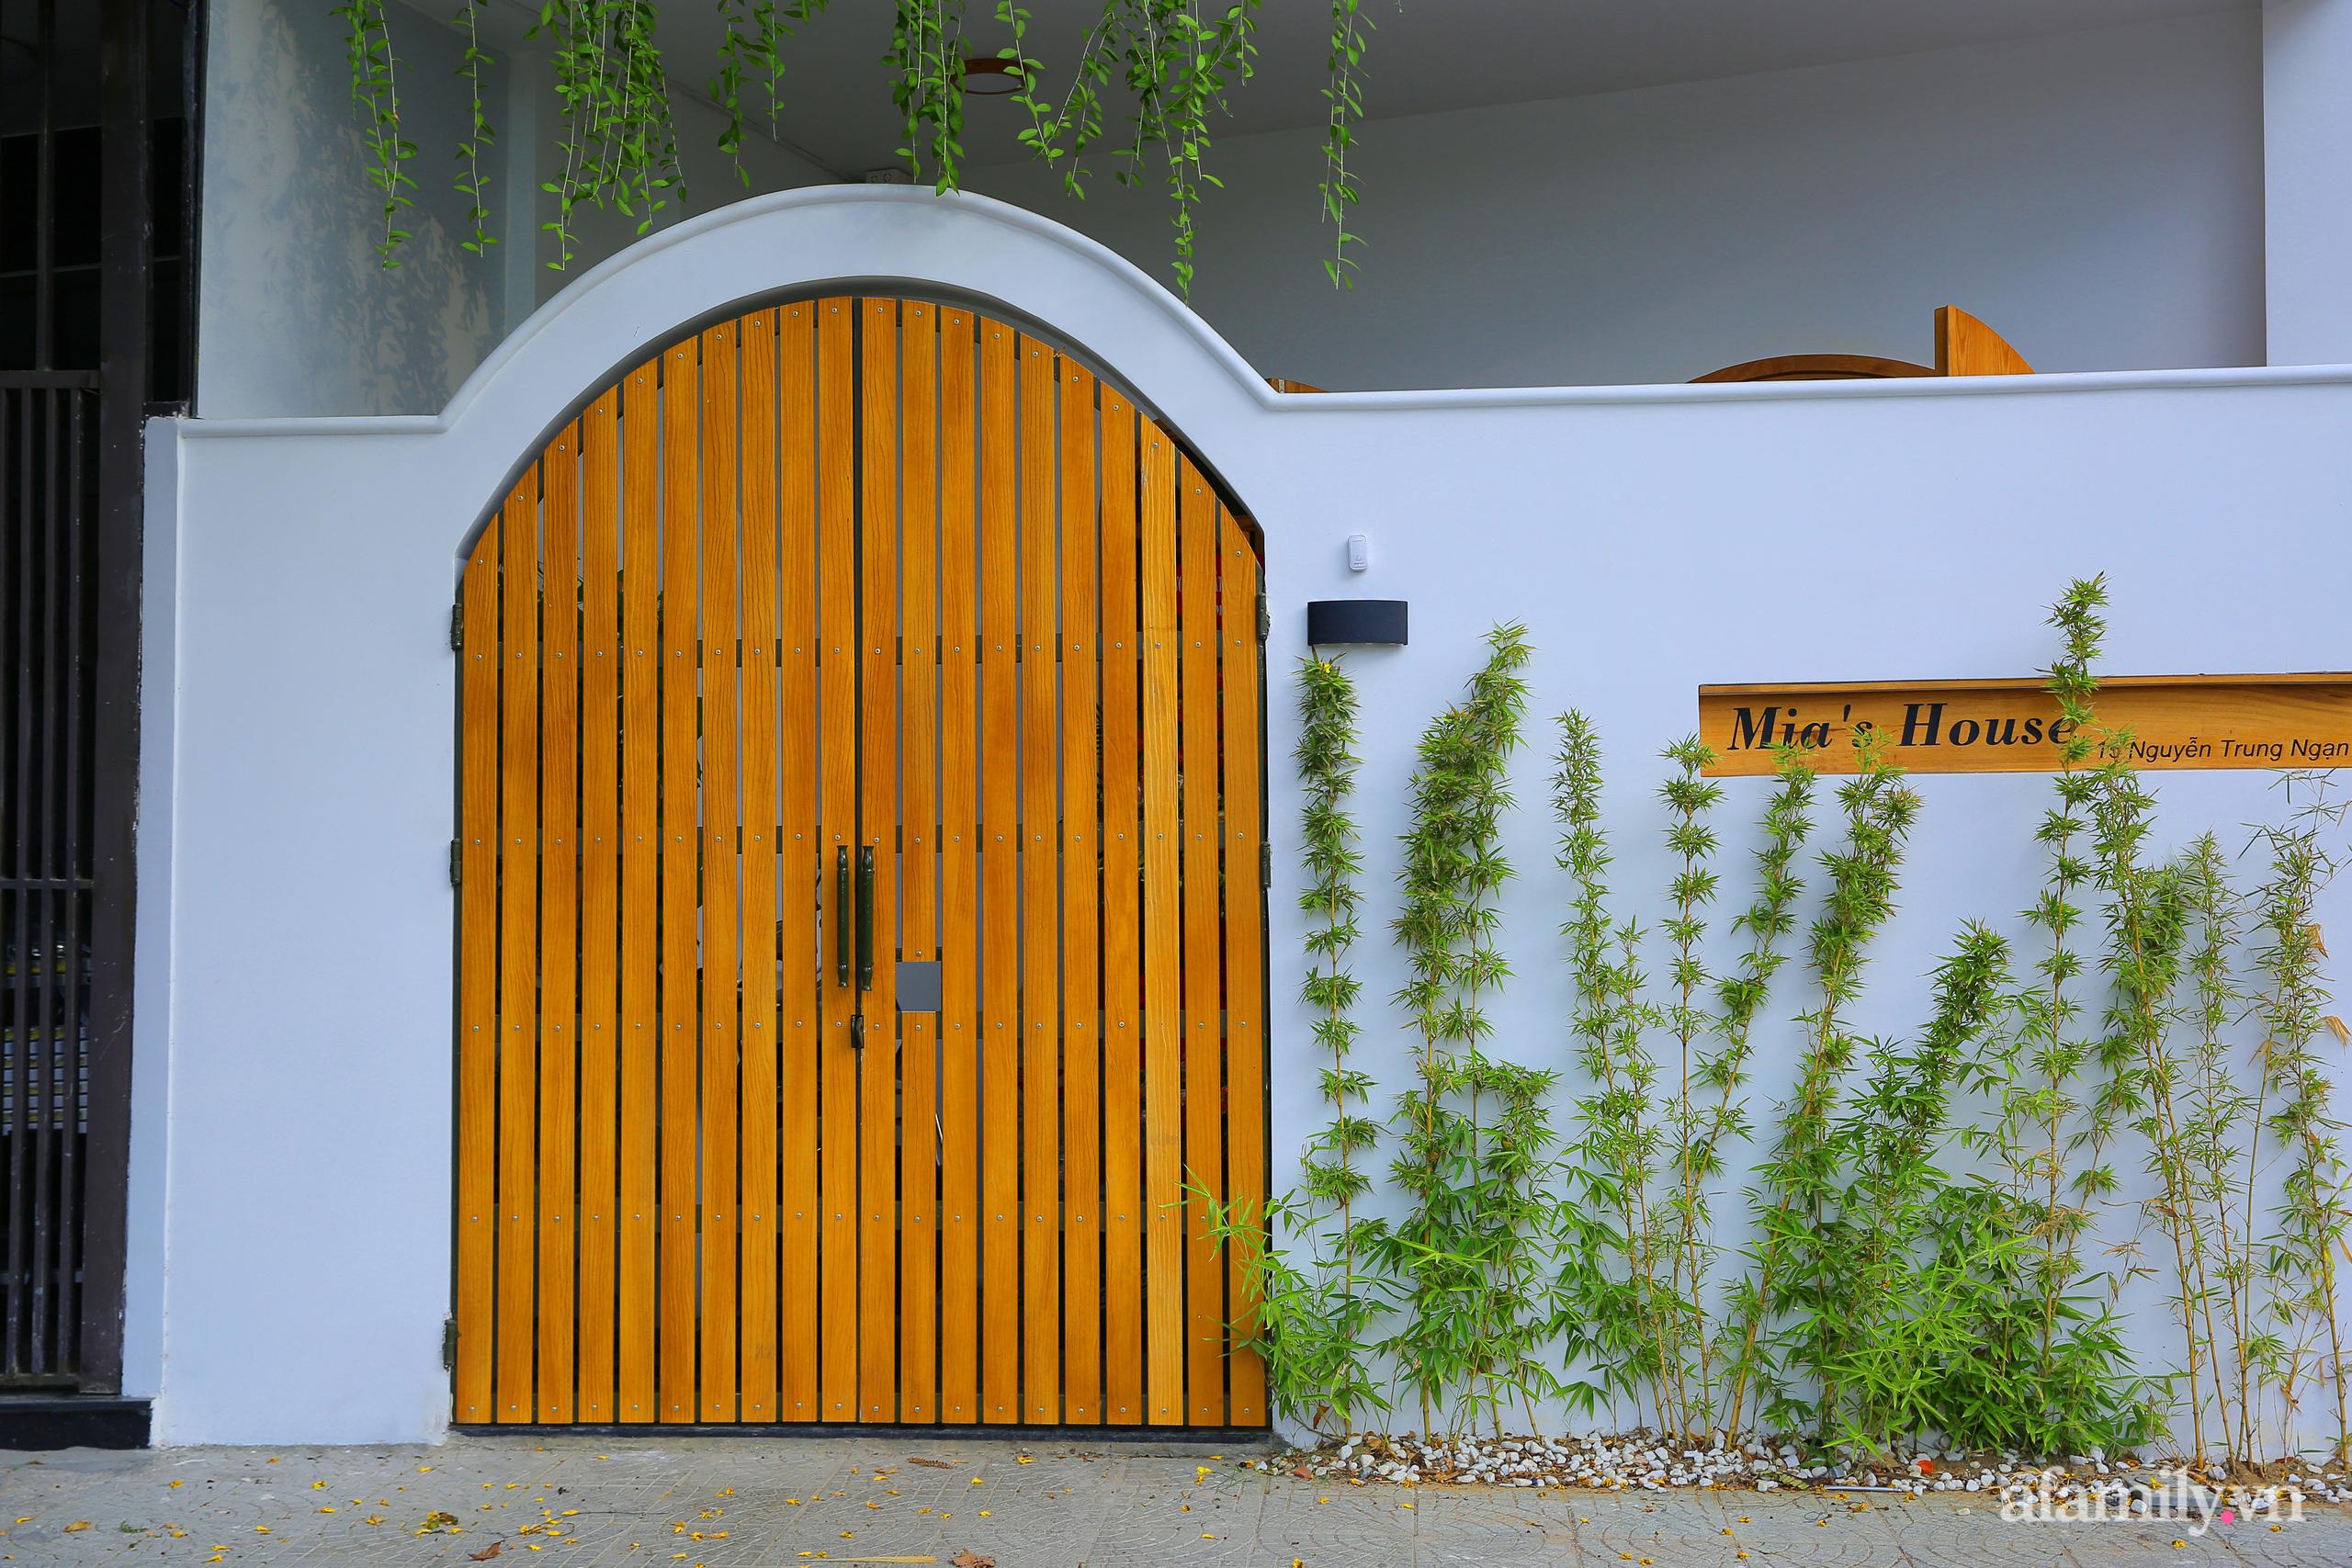 Chồng xây tặng vợ con ngôi nhà ấm cúng với sắc trắng vàng cùng cây xanh và ánh sáng ngập tràn ở Đà Nẵng sau 10 năm ở trọ - Ảnh 2.